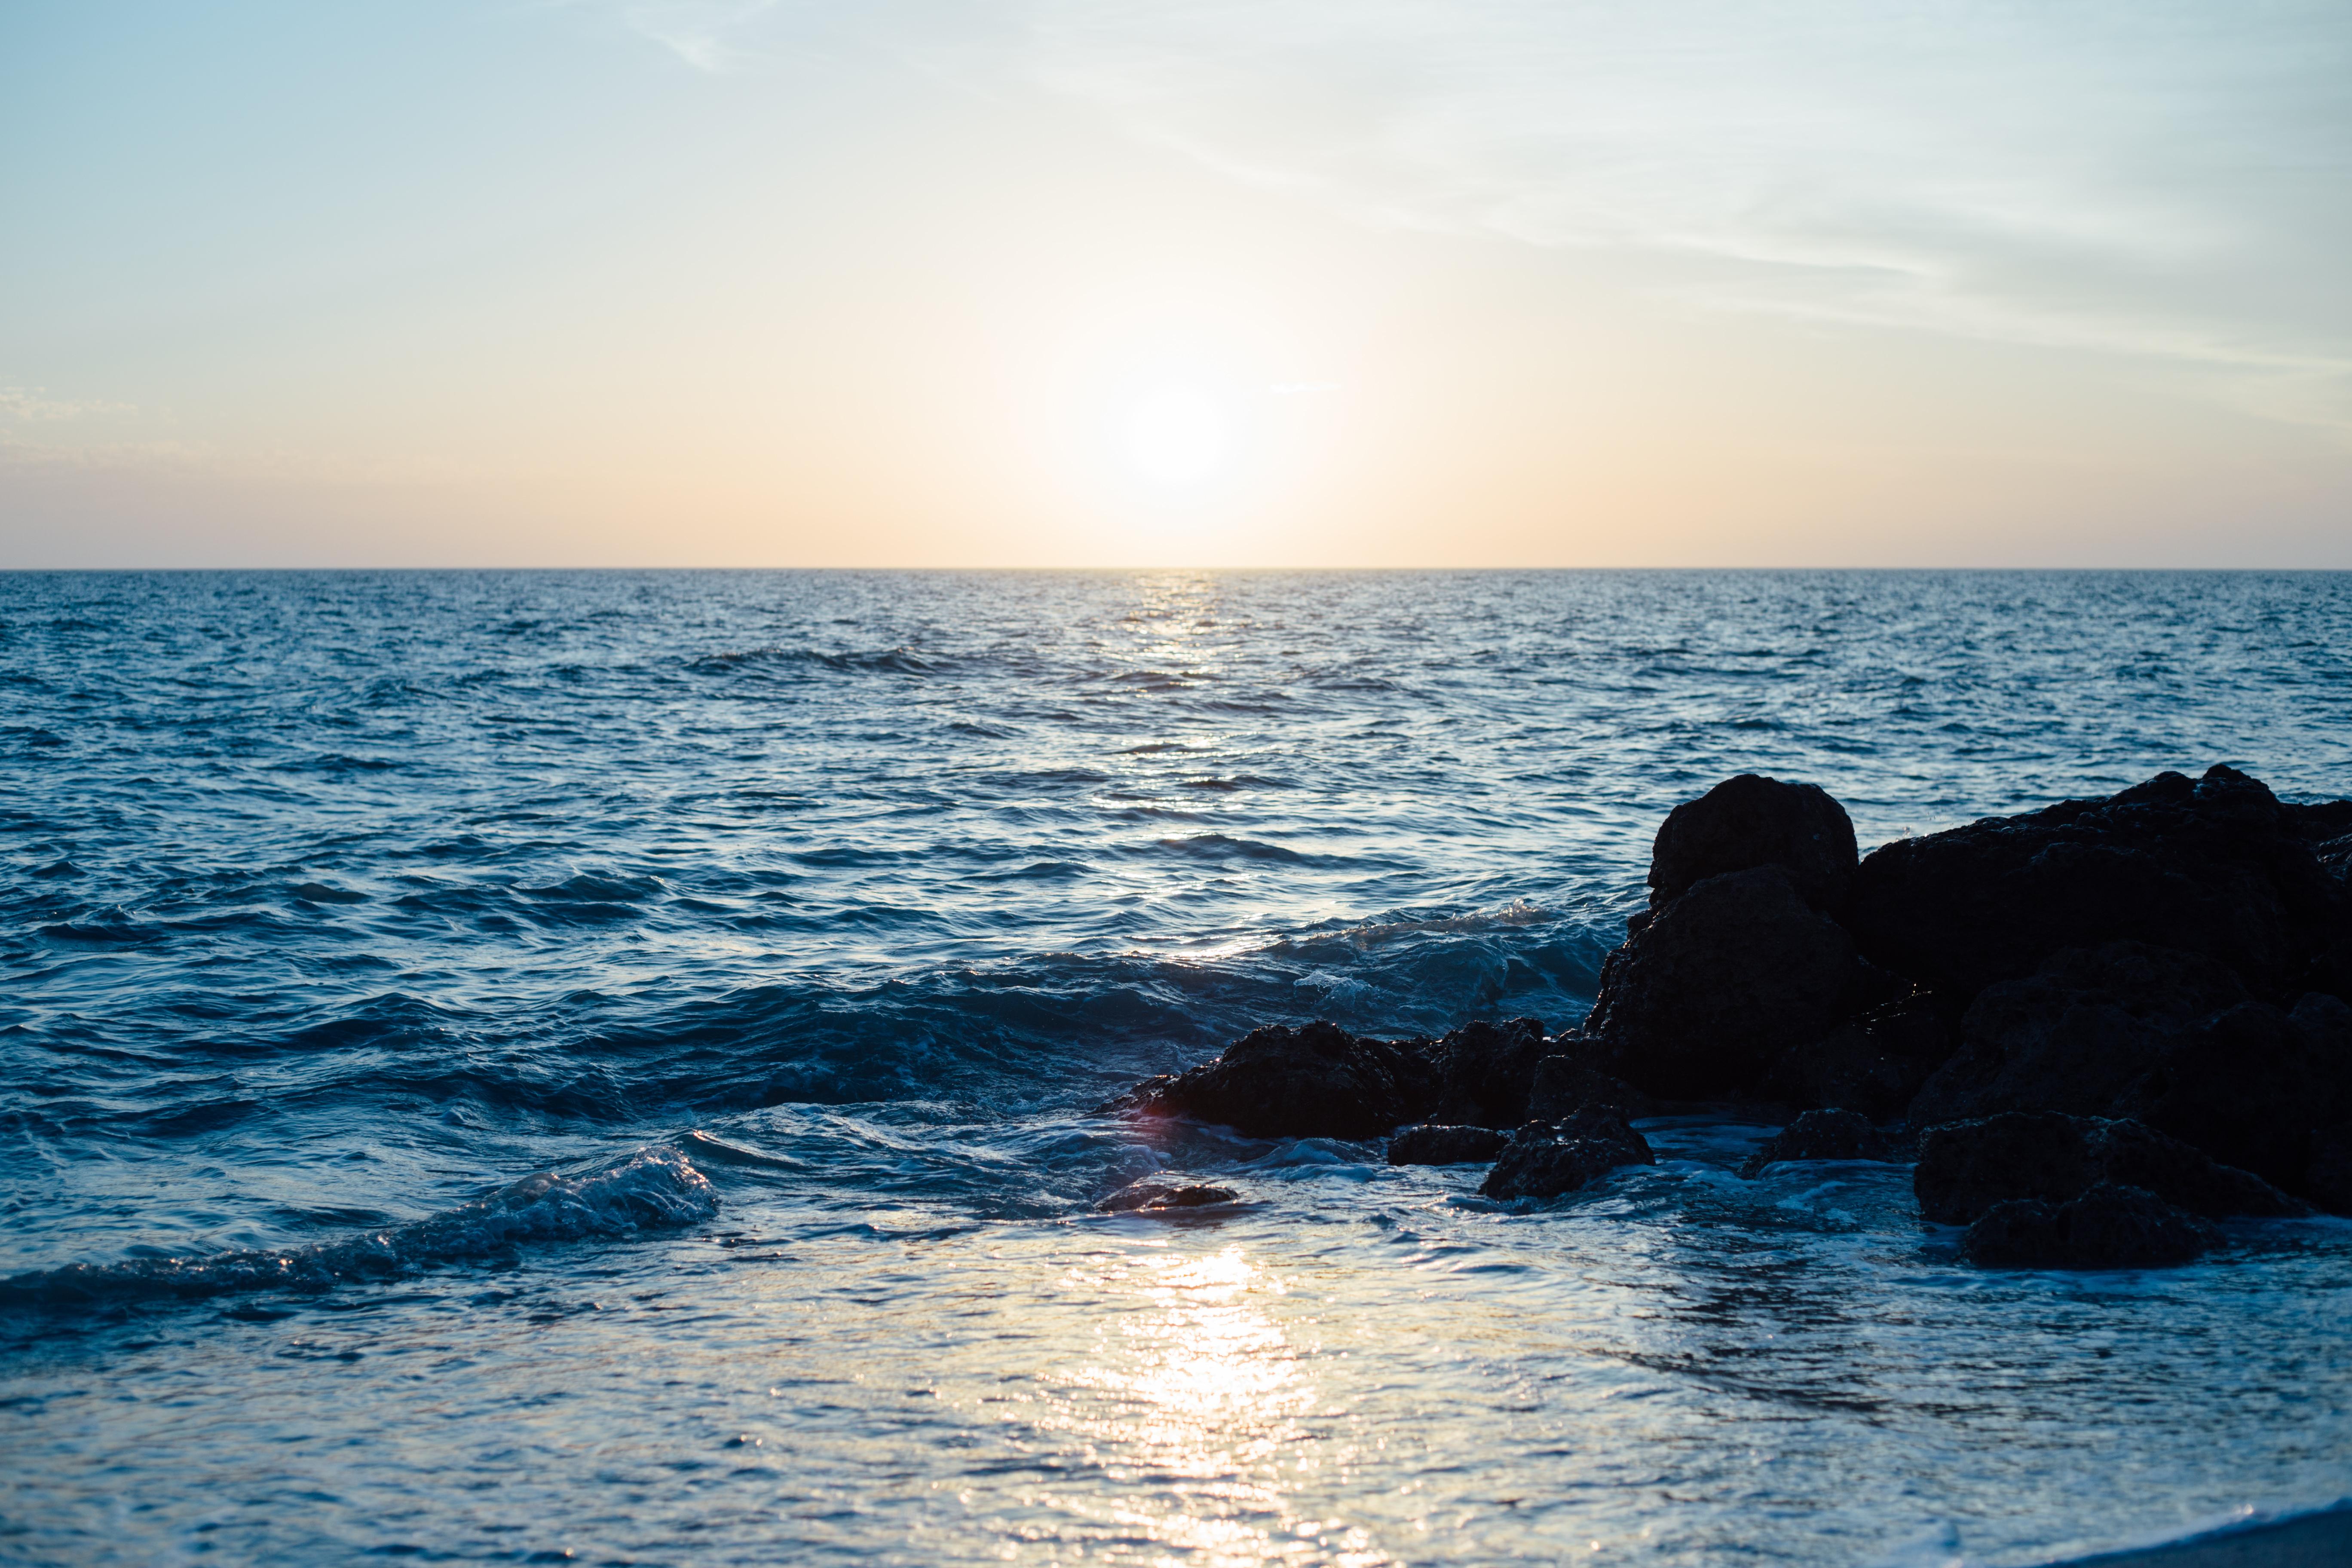 beach sea coast water rock ocean horizon sunrise sunset sunlight shore wave dawn coastline dusk seascape